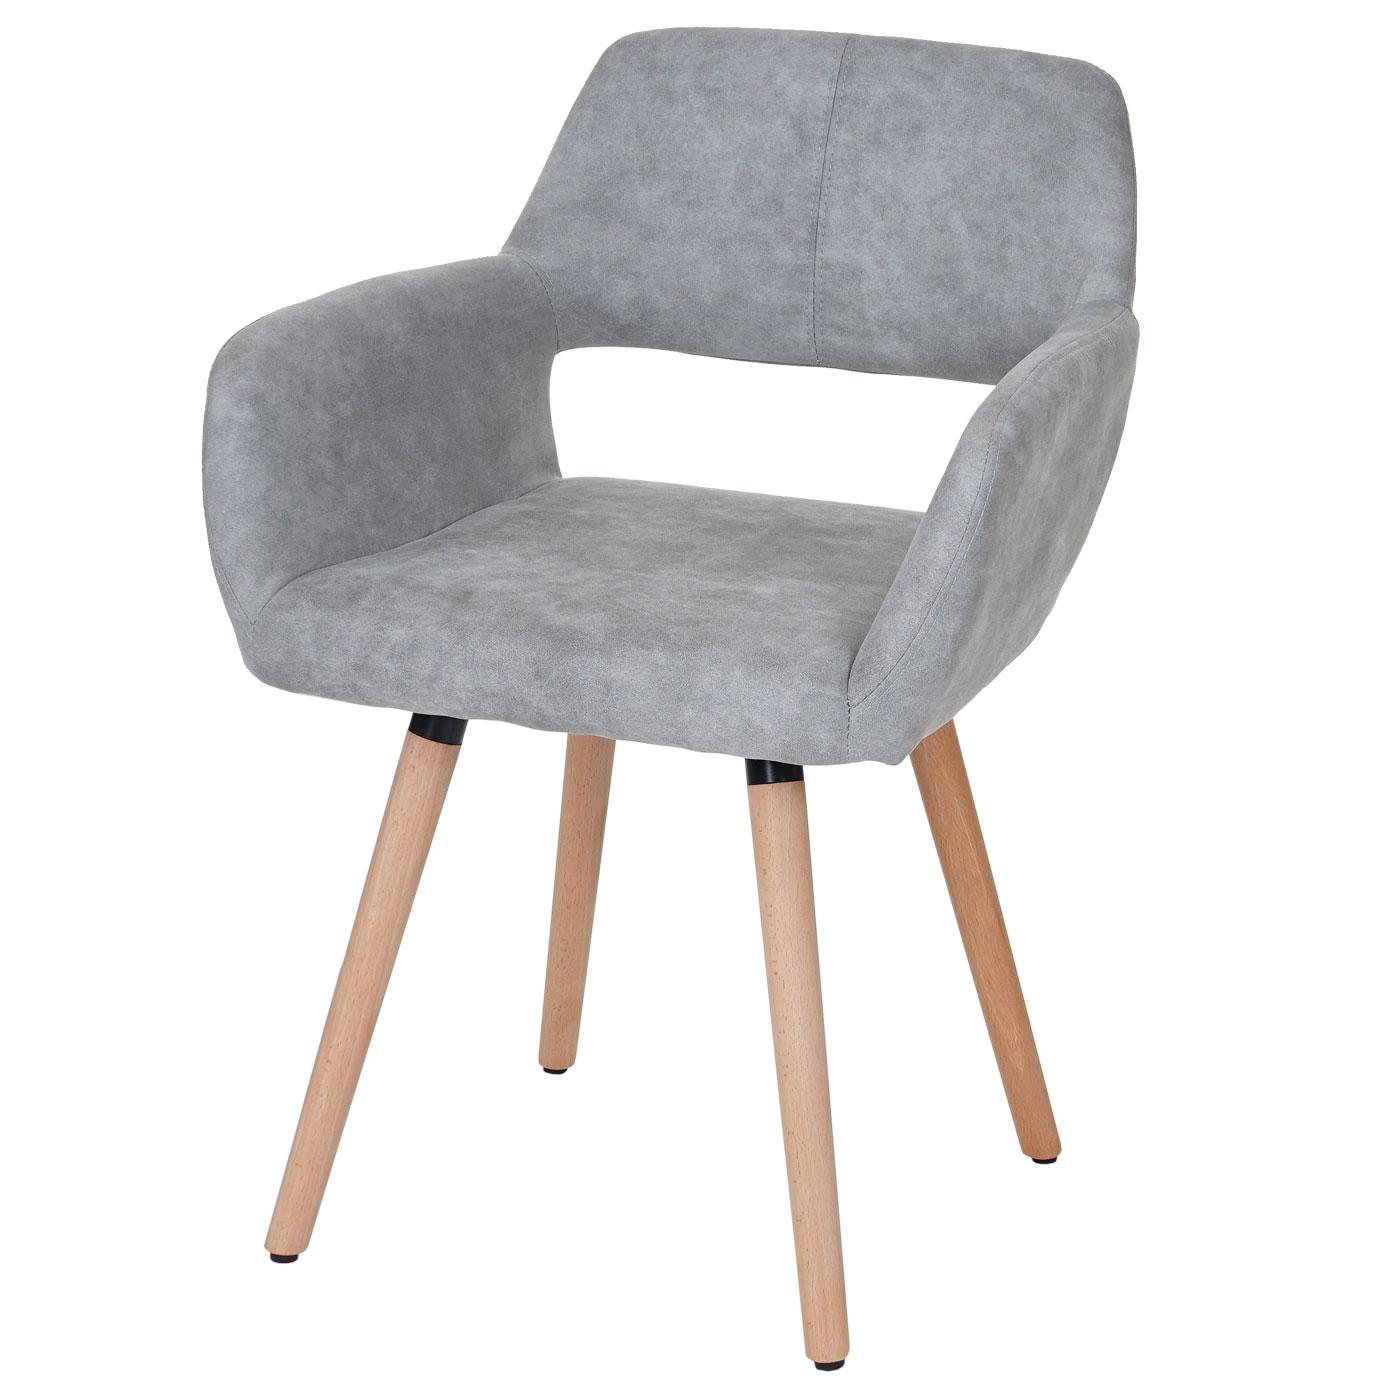 esszimmerstuhl hwc a50 stuhl lehnstuhl retro 50er jahre. Black Bedroom Furniture Sets. Home Design Ideas